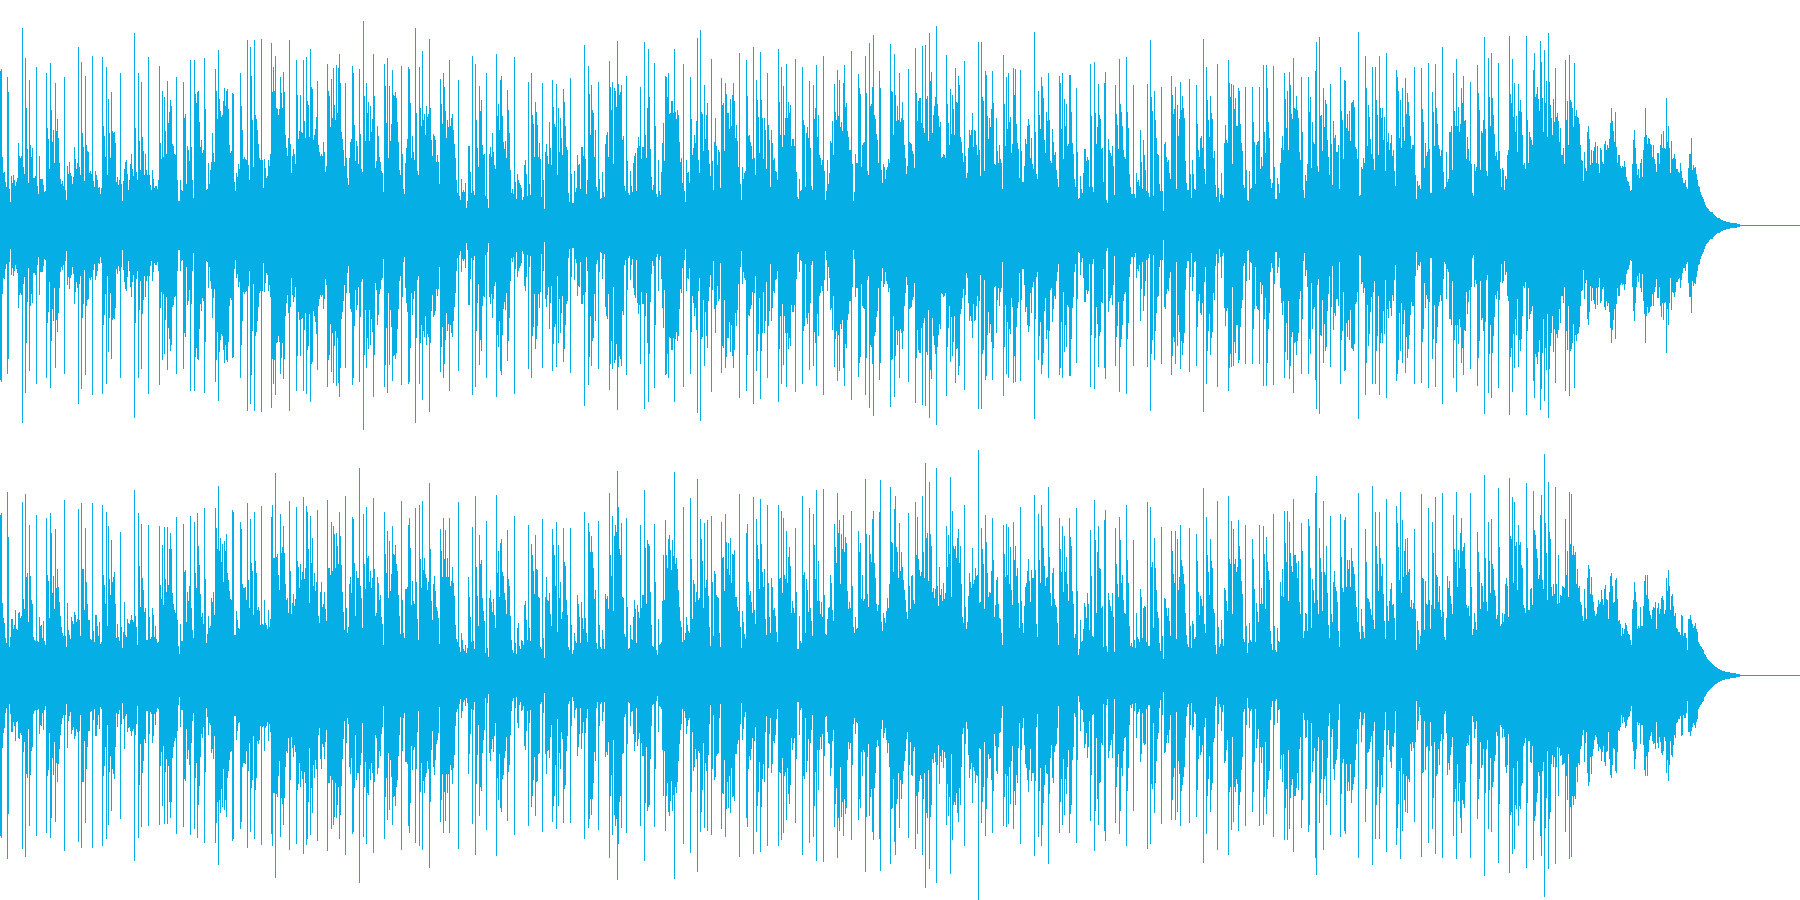 爽やかでテンポの良いインスト音楽の再生済みの波形